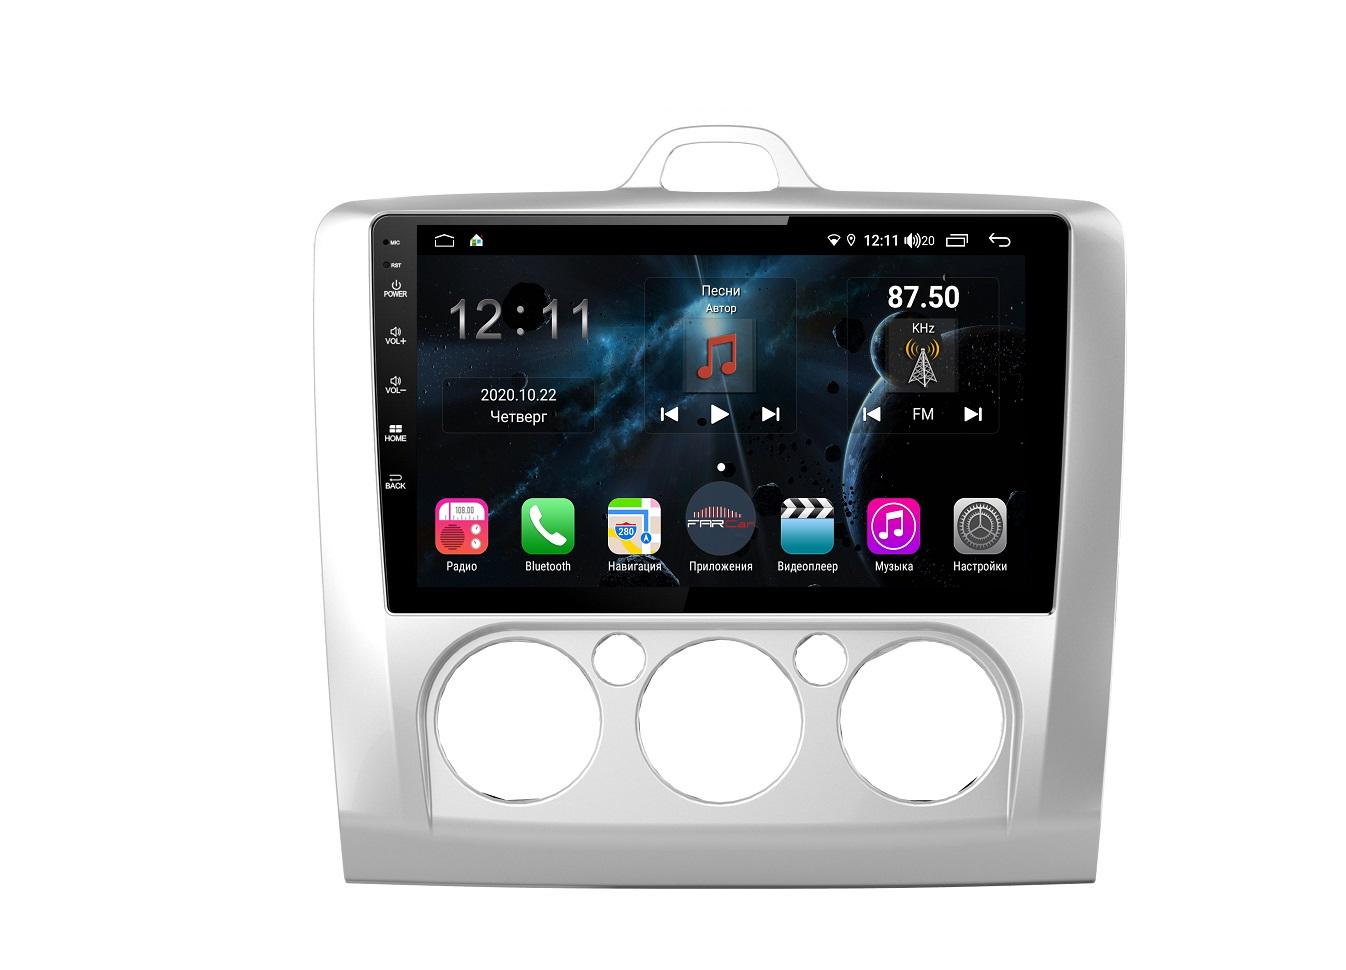 Штатная магнитола FarCar s400 для Ford Focus, Mondeo, C-Max, Galaxy на Android (H003R) (+ Камера заднего вида в подарок!)